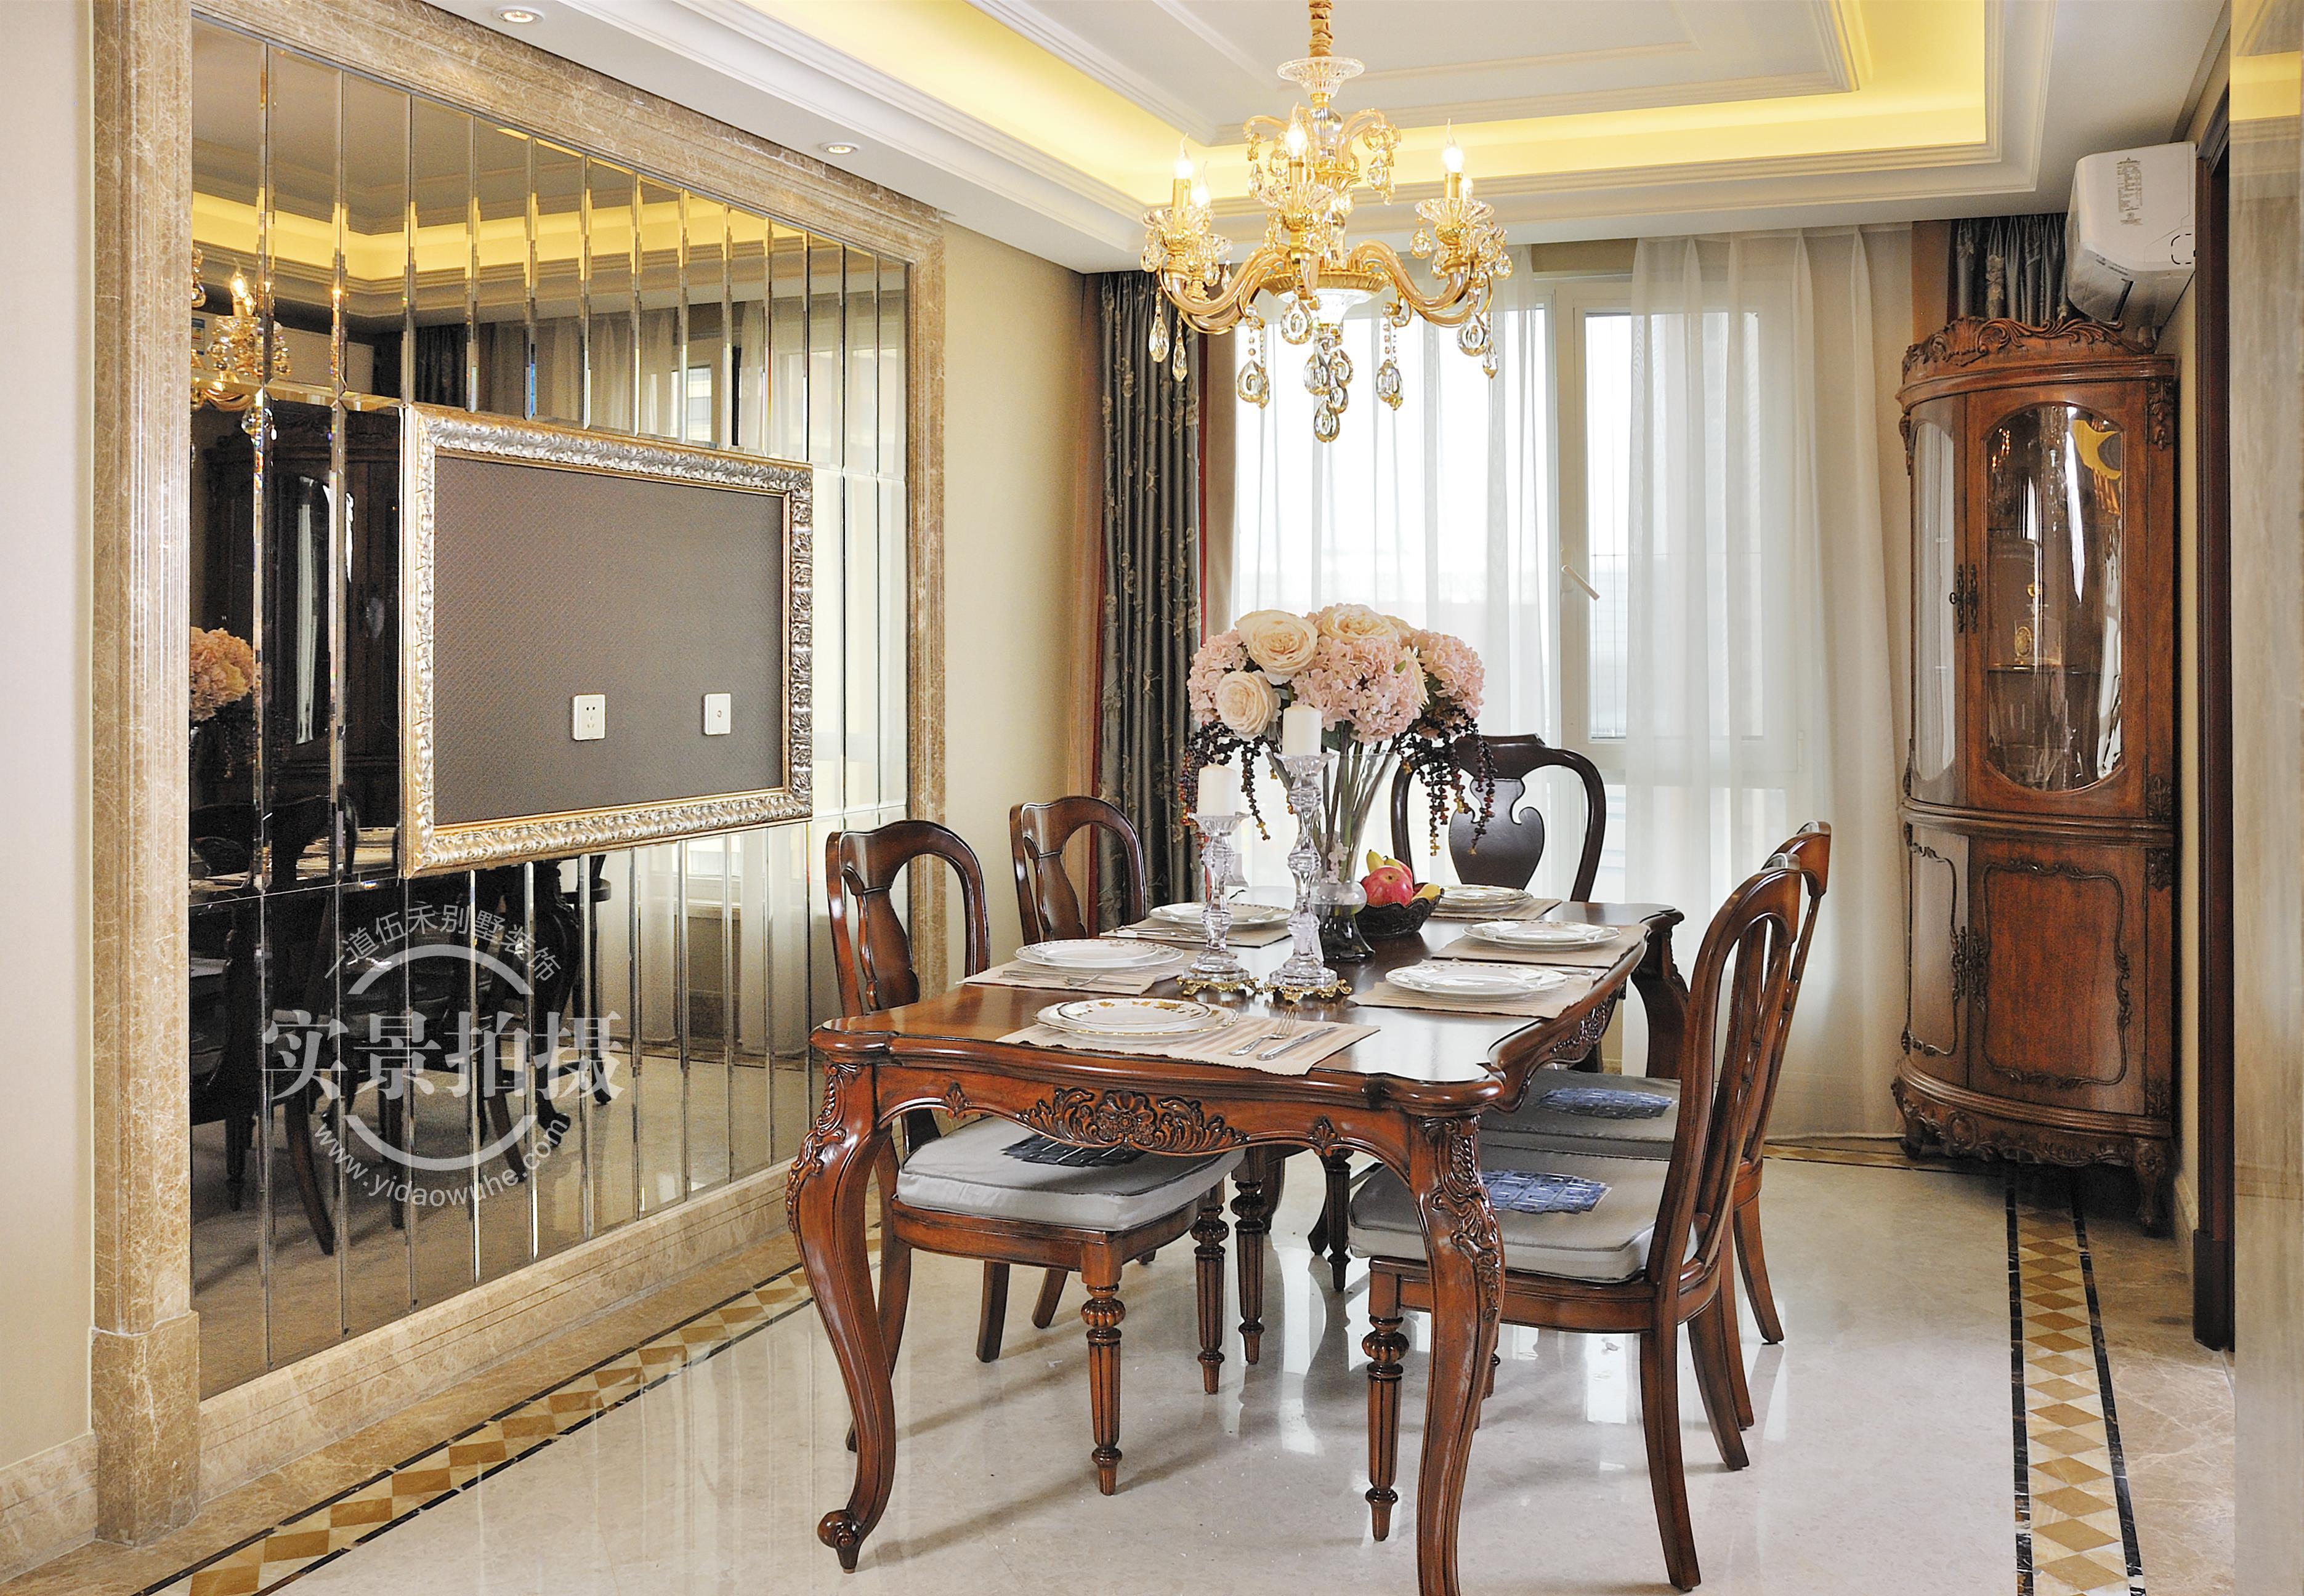 简约 法式风格 三居 餐厅图片来自别墅设计师杨洋在古典华贵法式--橡树湾装修设计的分享